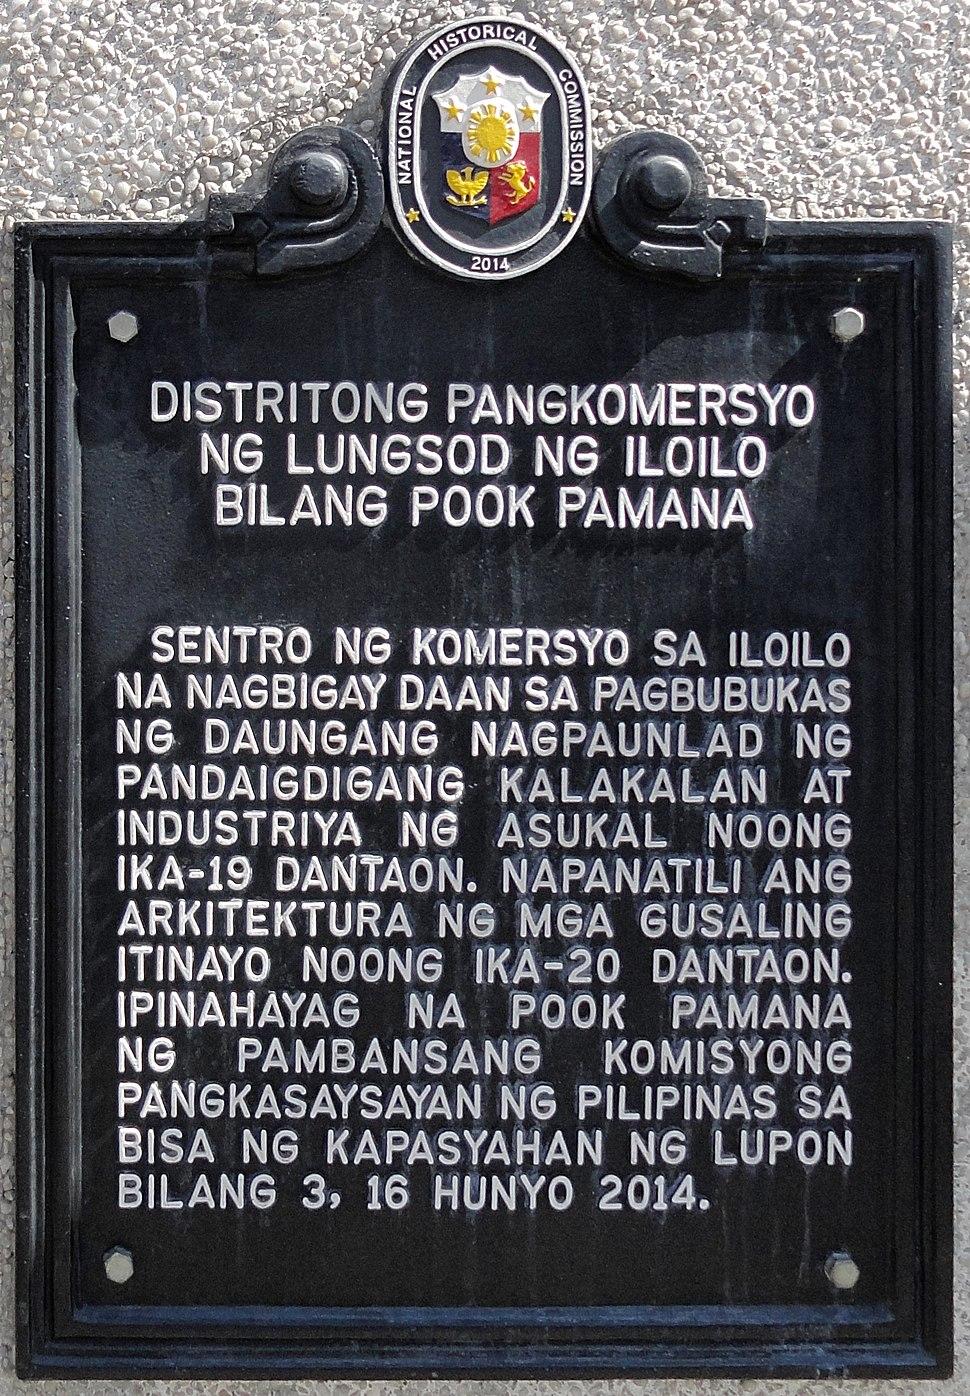 Distritong Pangkomersyo ng Lungsod ng Iloilo bilang Pook Pamana historical marker